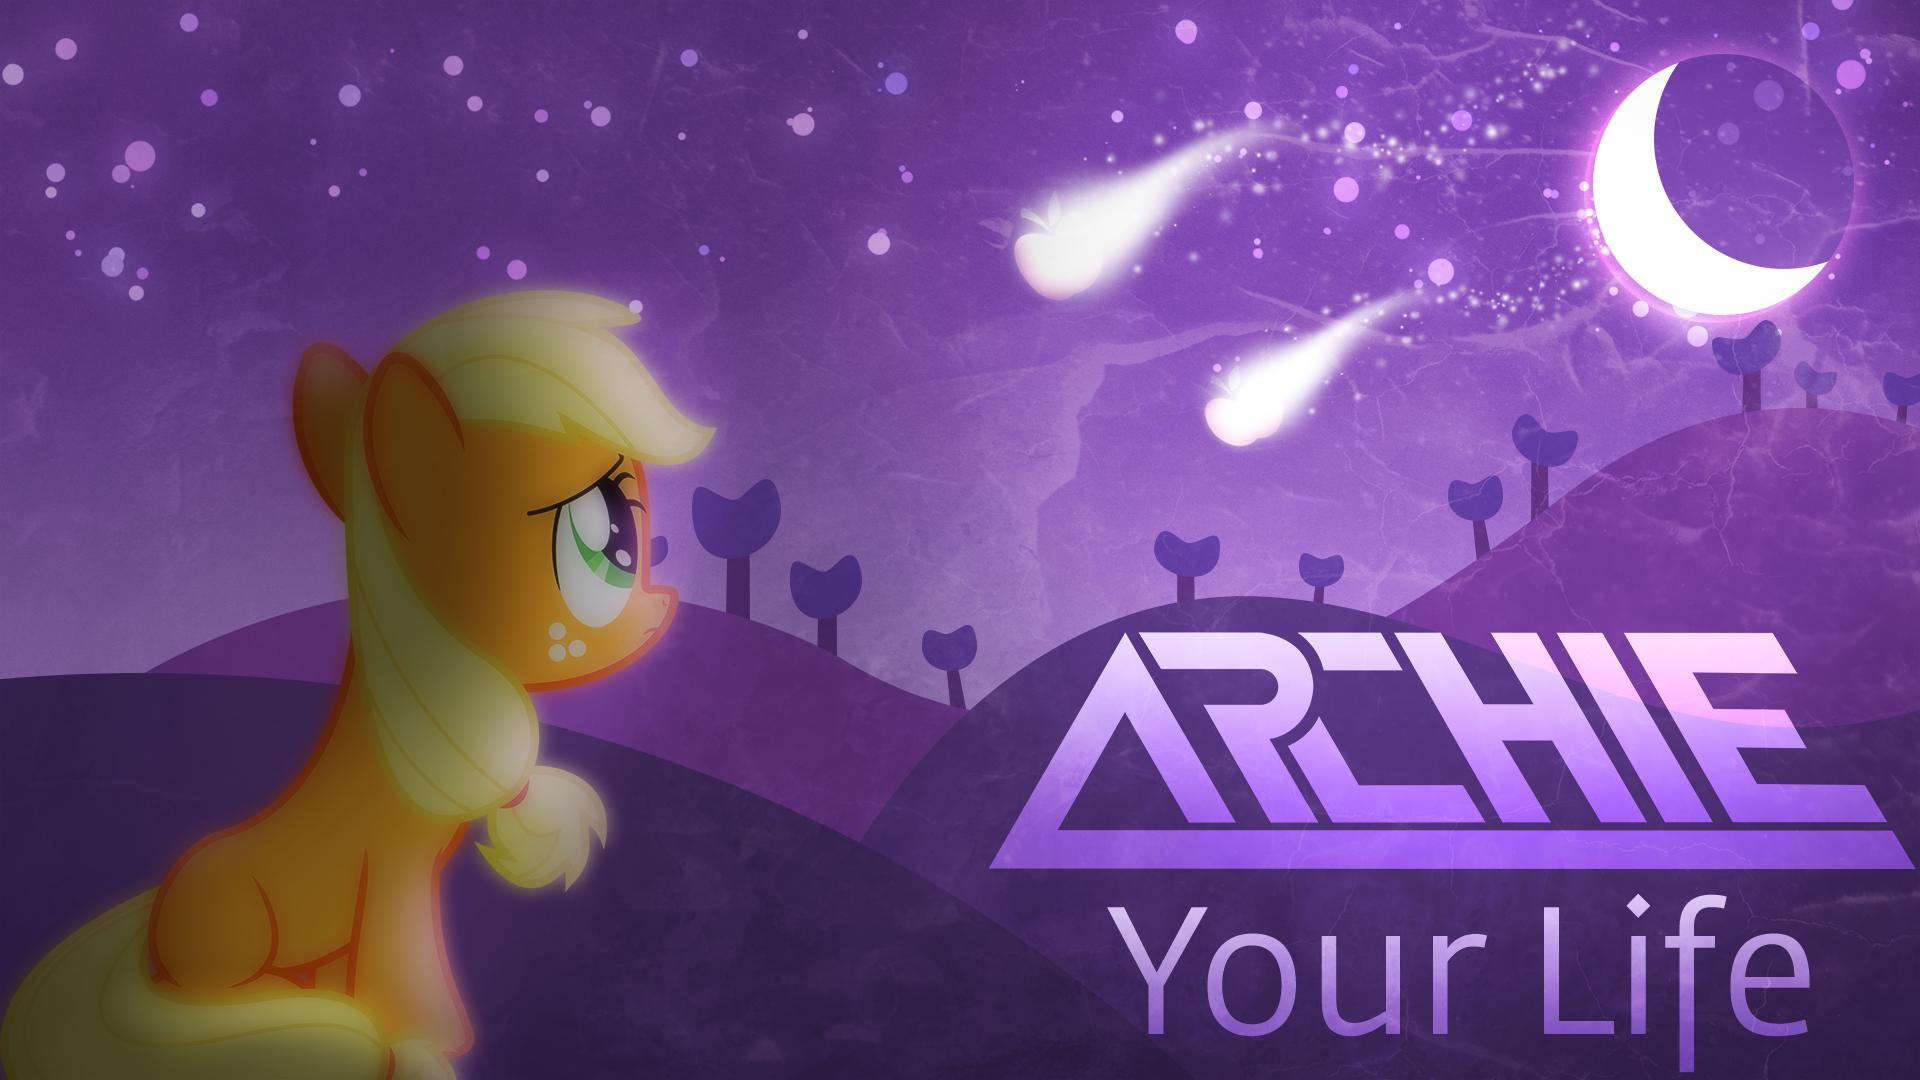 Archie - Your Life by KibbieTheGreat